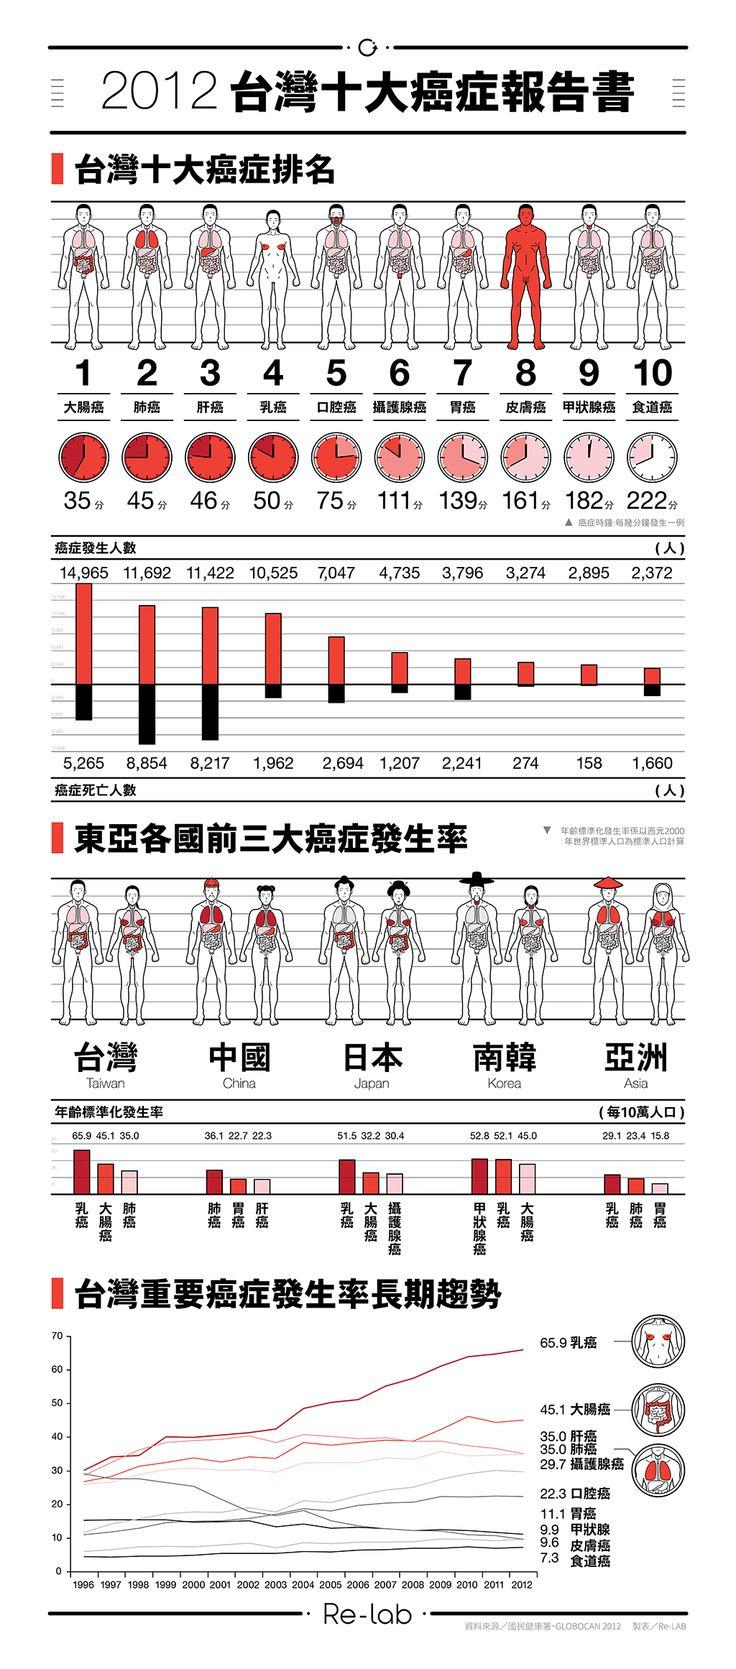 Re-Lab - 2012台灣十大癌症報告書